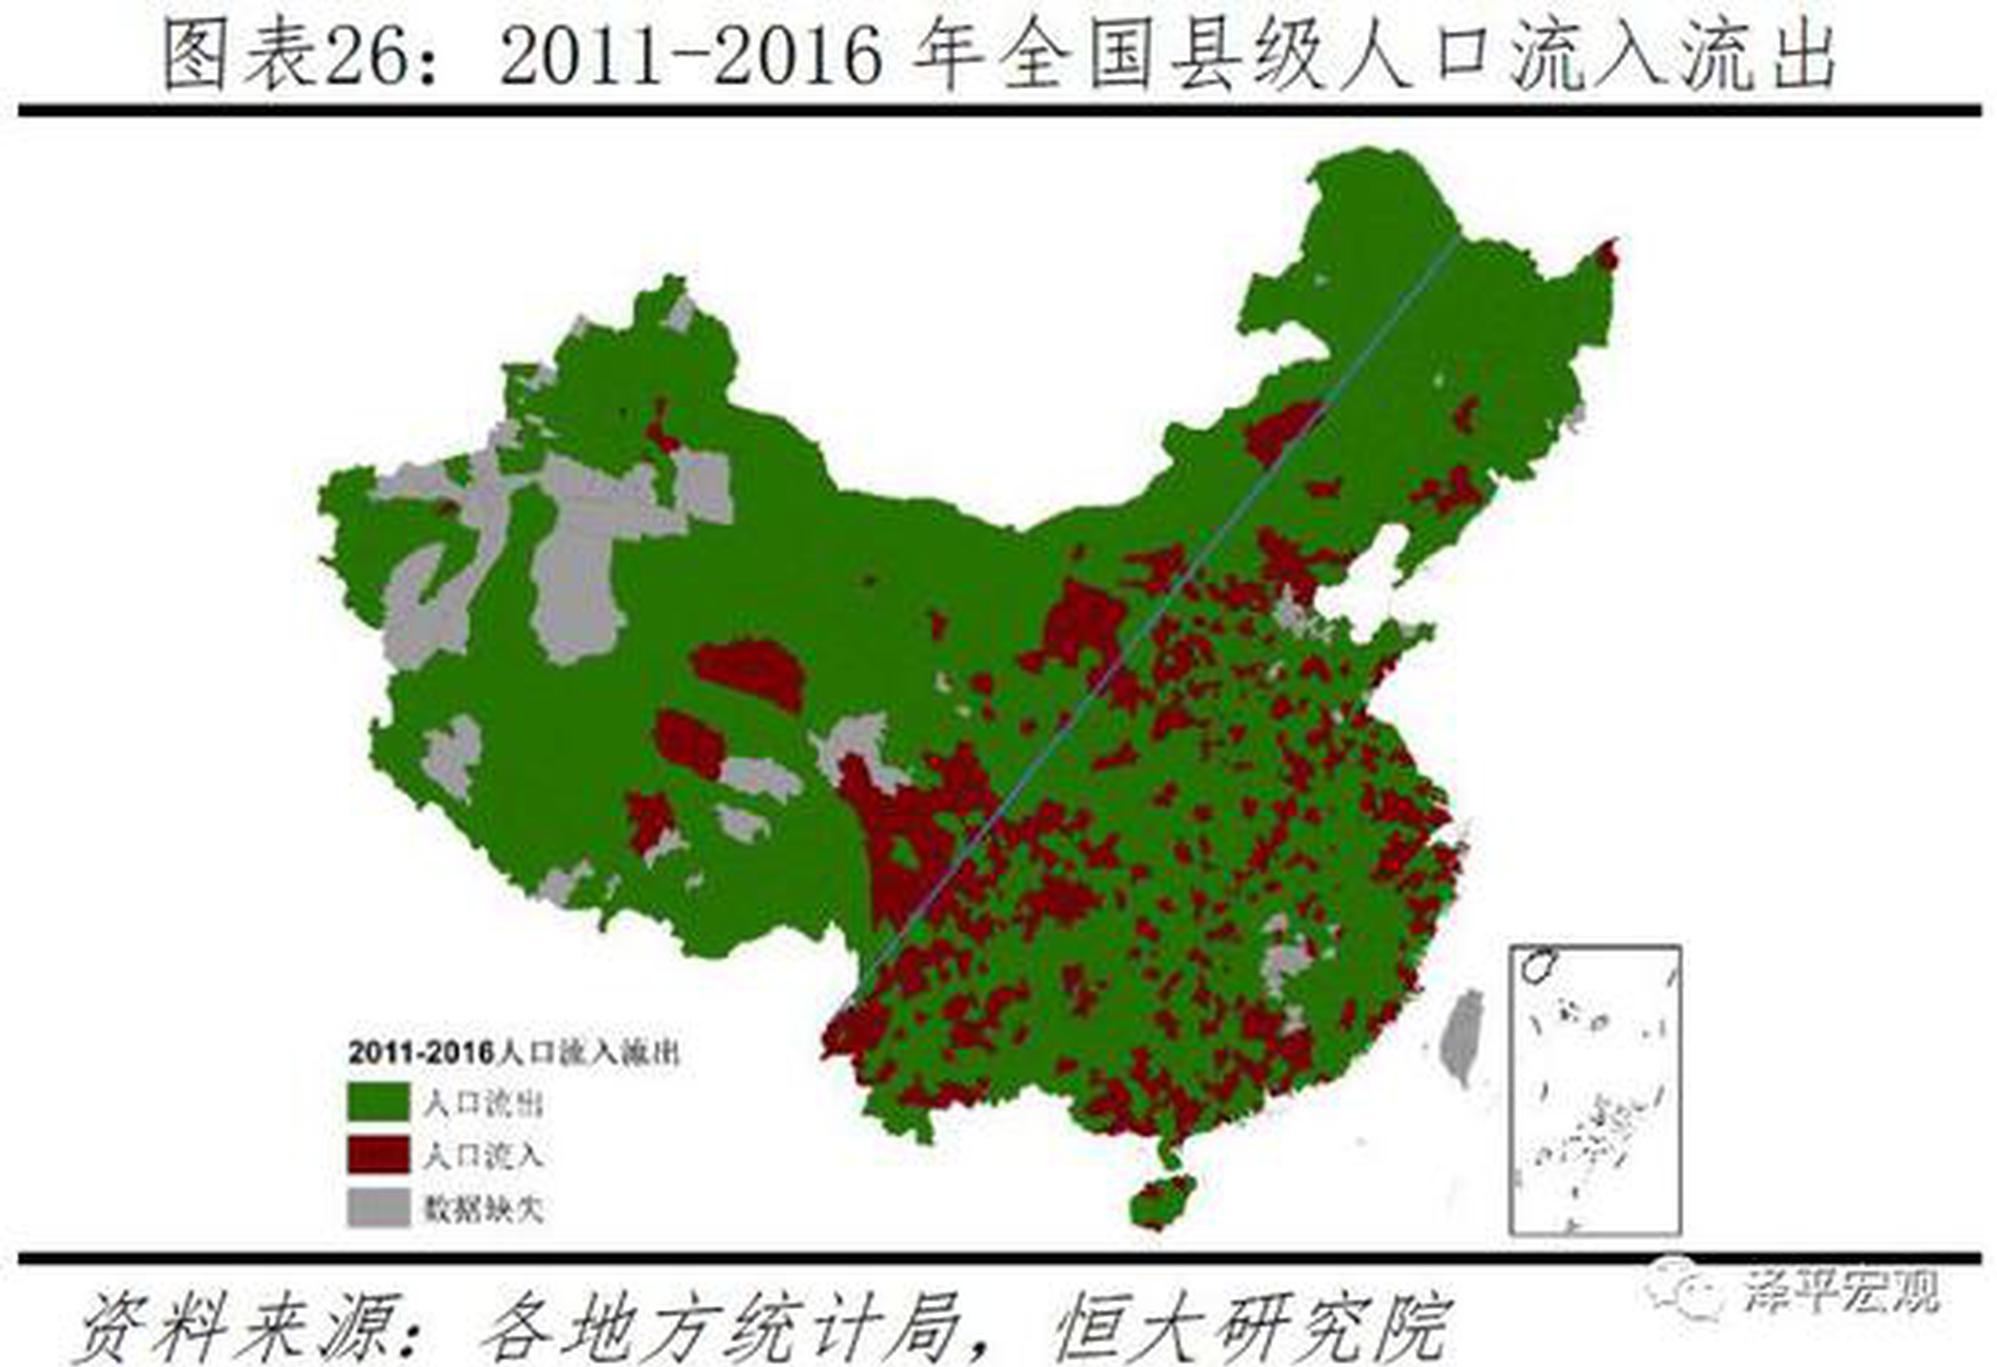 中国人口流动全景呈现